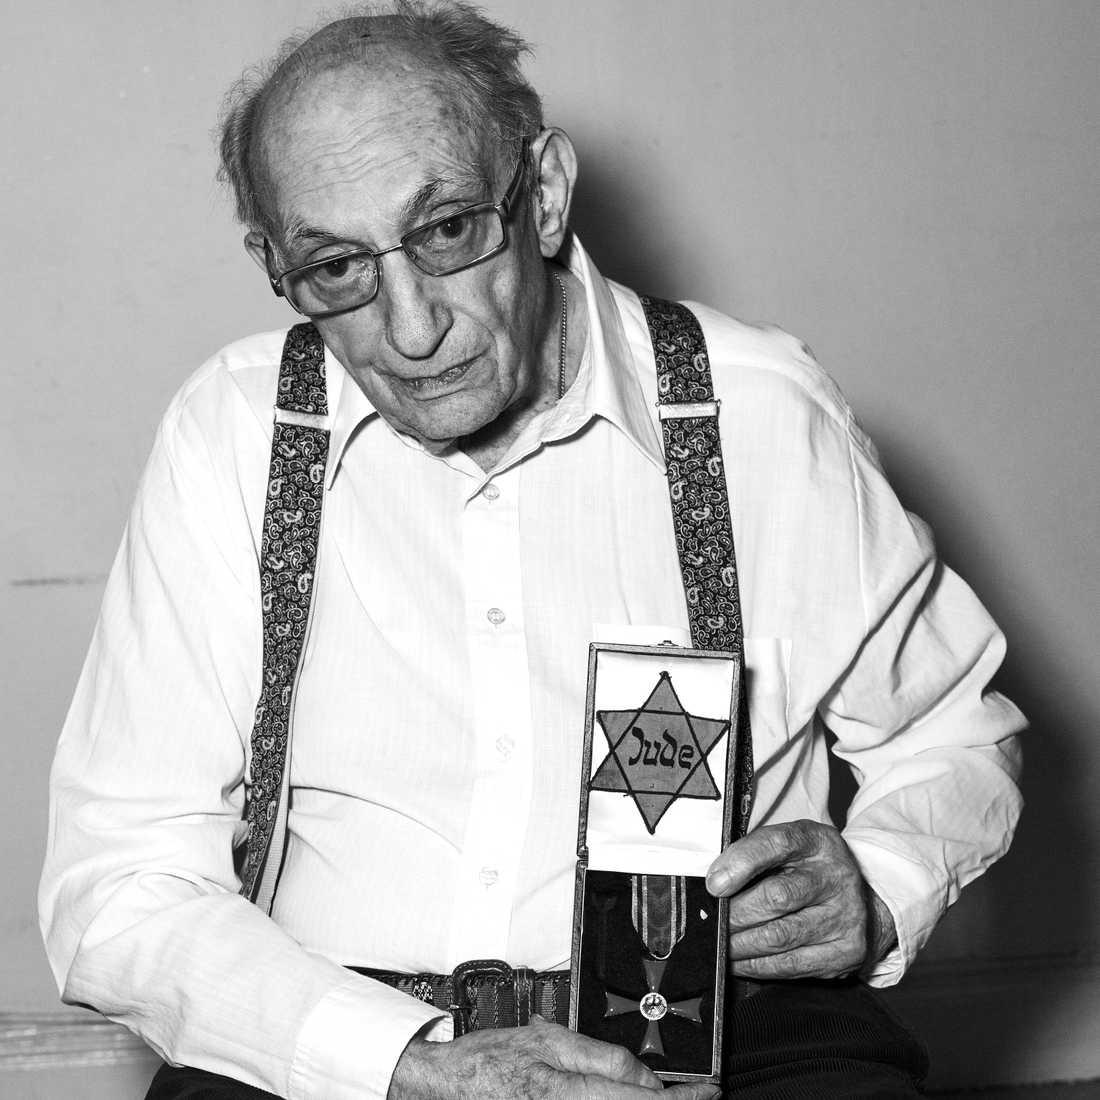 Walter Frankenstein, överlevande av Förintelsen. Har dokumenterats för utställningen på Kulturhuset i samarbete med Moderna museet senare i år.